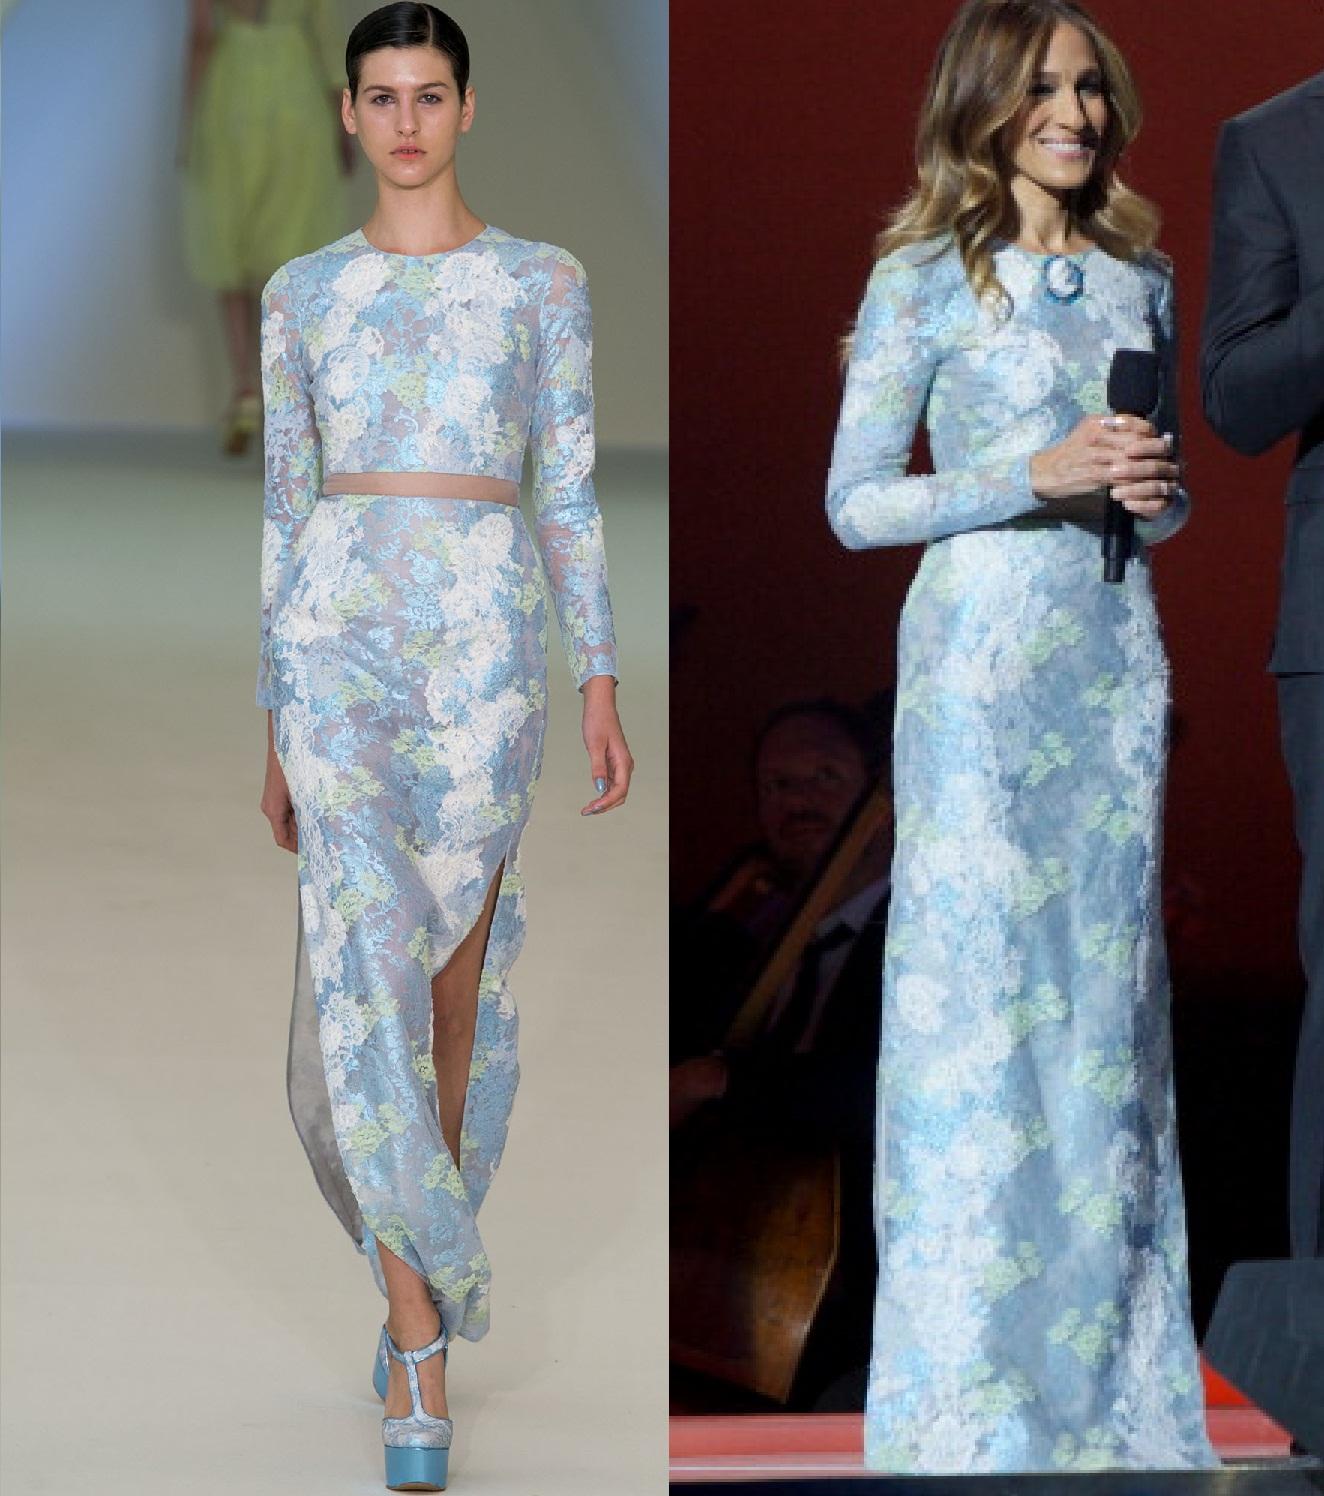 http://2.bp.blogspot.com/-KV-hE-5vN1E/UMfWnIZ9h8I/AAAAAAAAVsE/UAhkVcGJUdc/s1600/Sarah-Jessica-Parker-Dress-Nobel-Peace-Prize-Concert-Wearing-Erdem+spring+2013+fotos+1.jpg